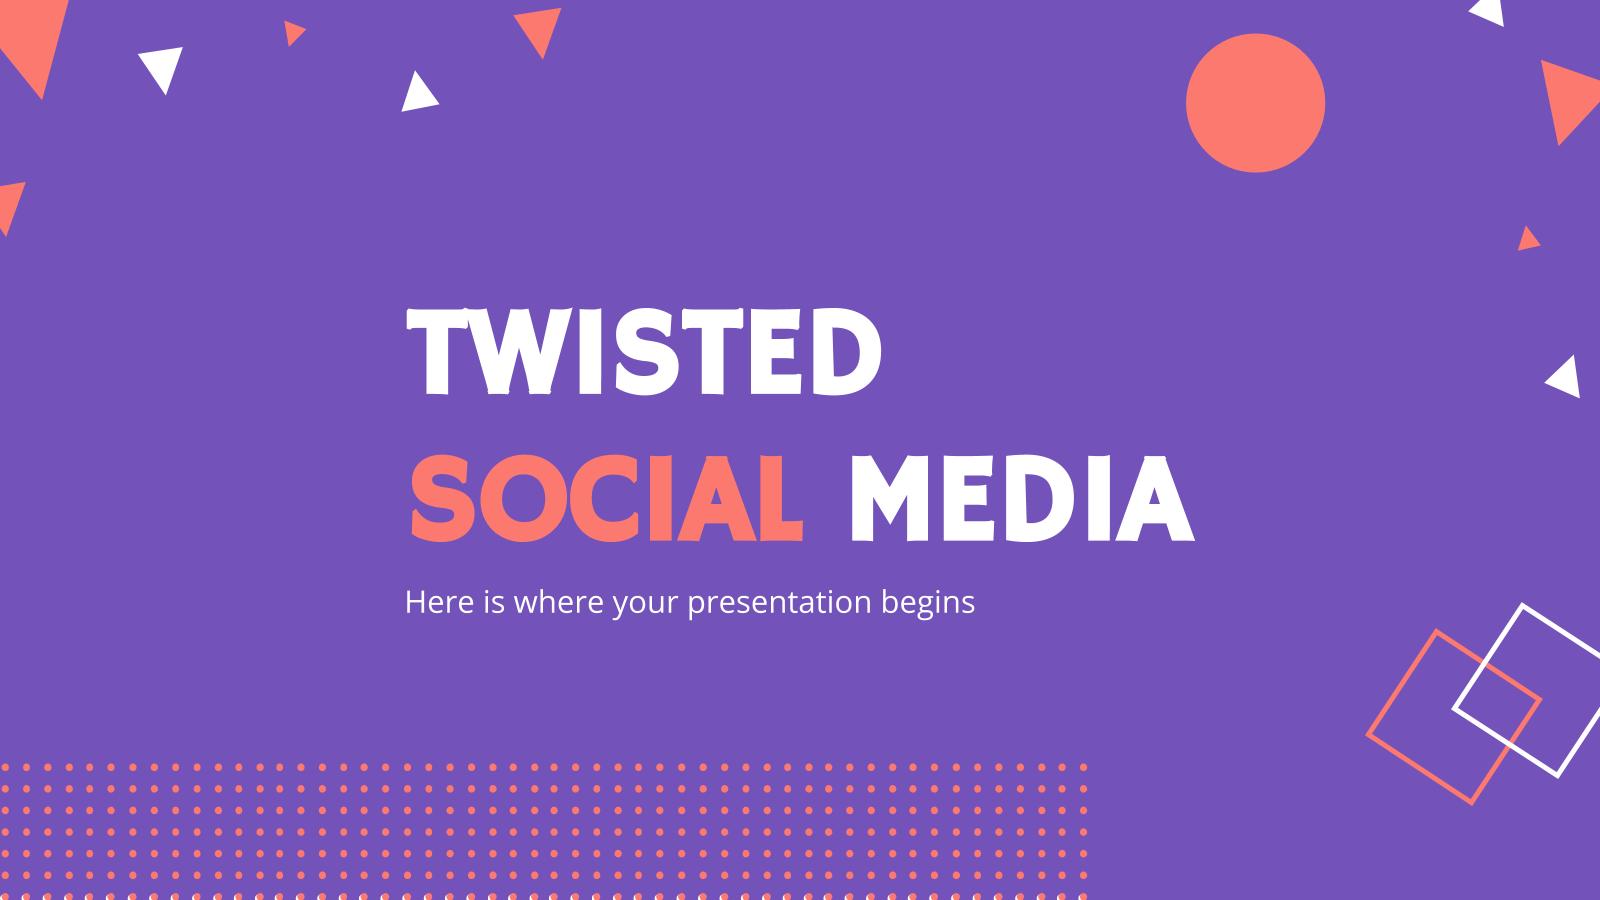 Plantilla de presentación Redes sociales Twisted